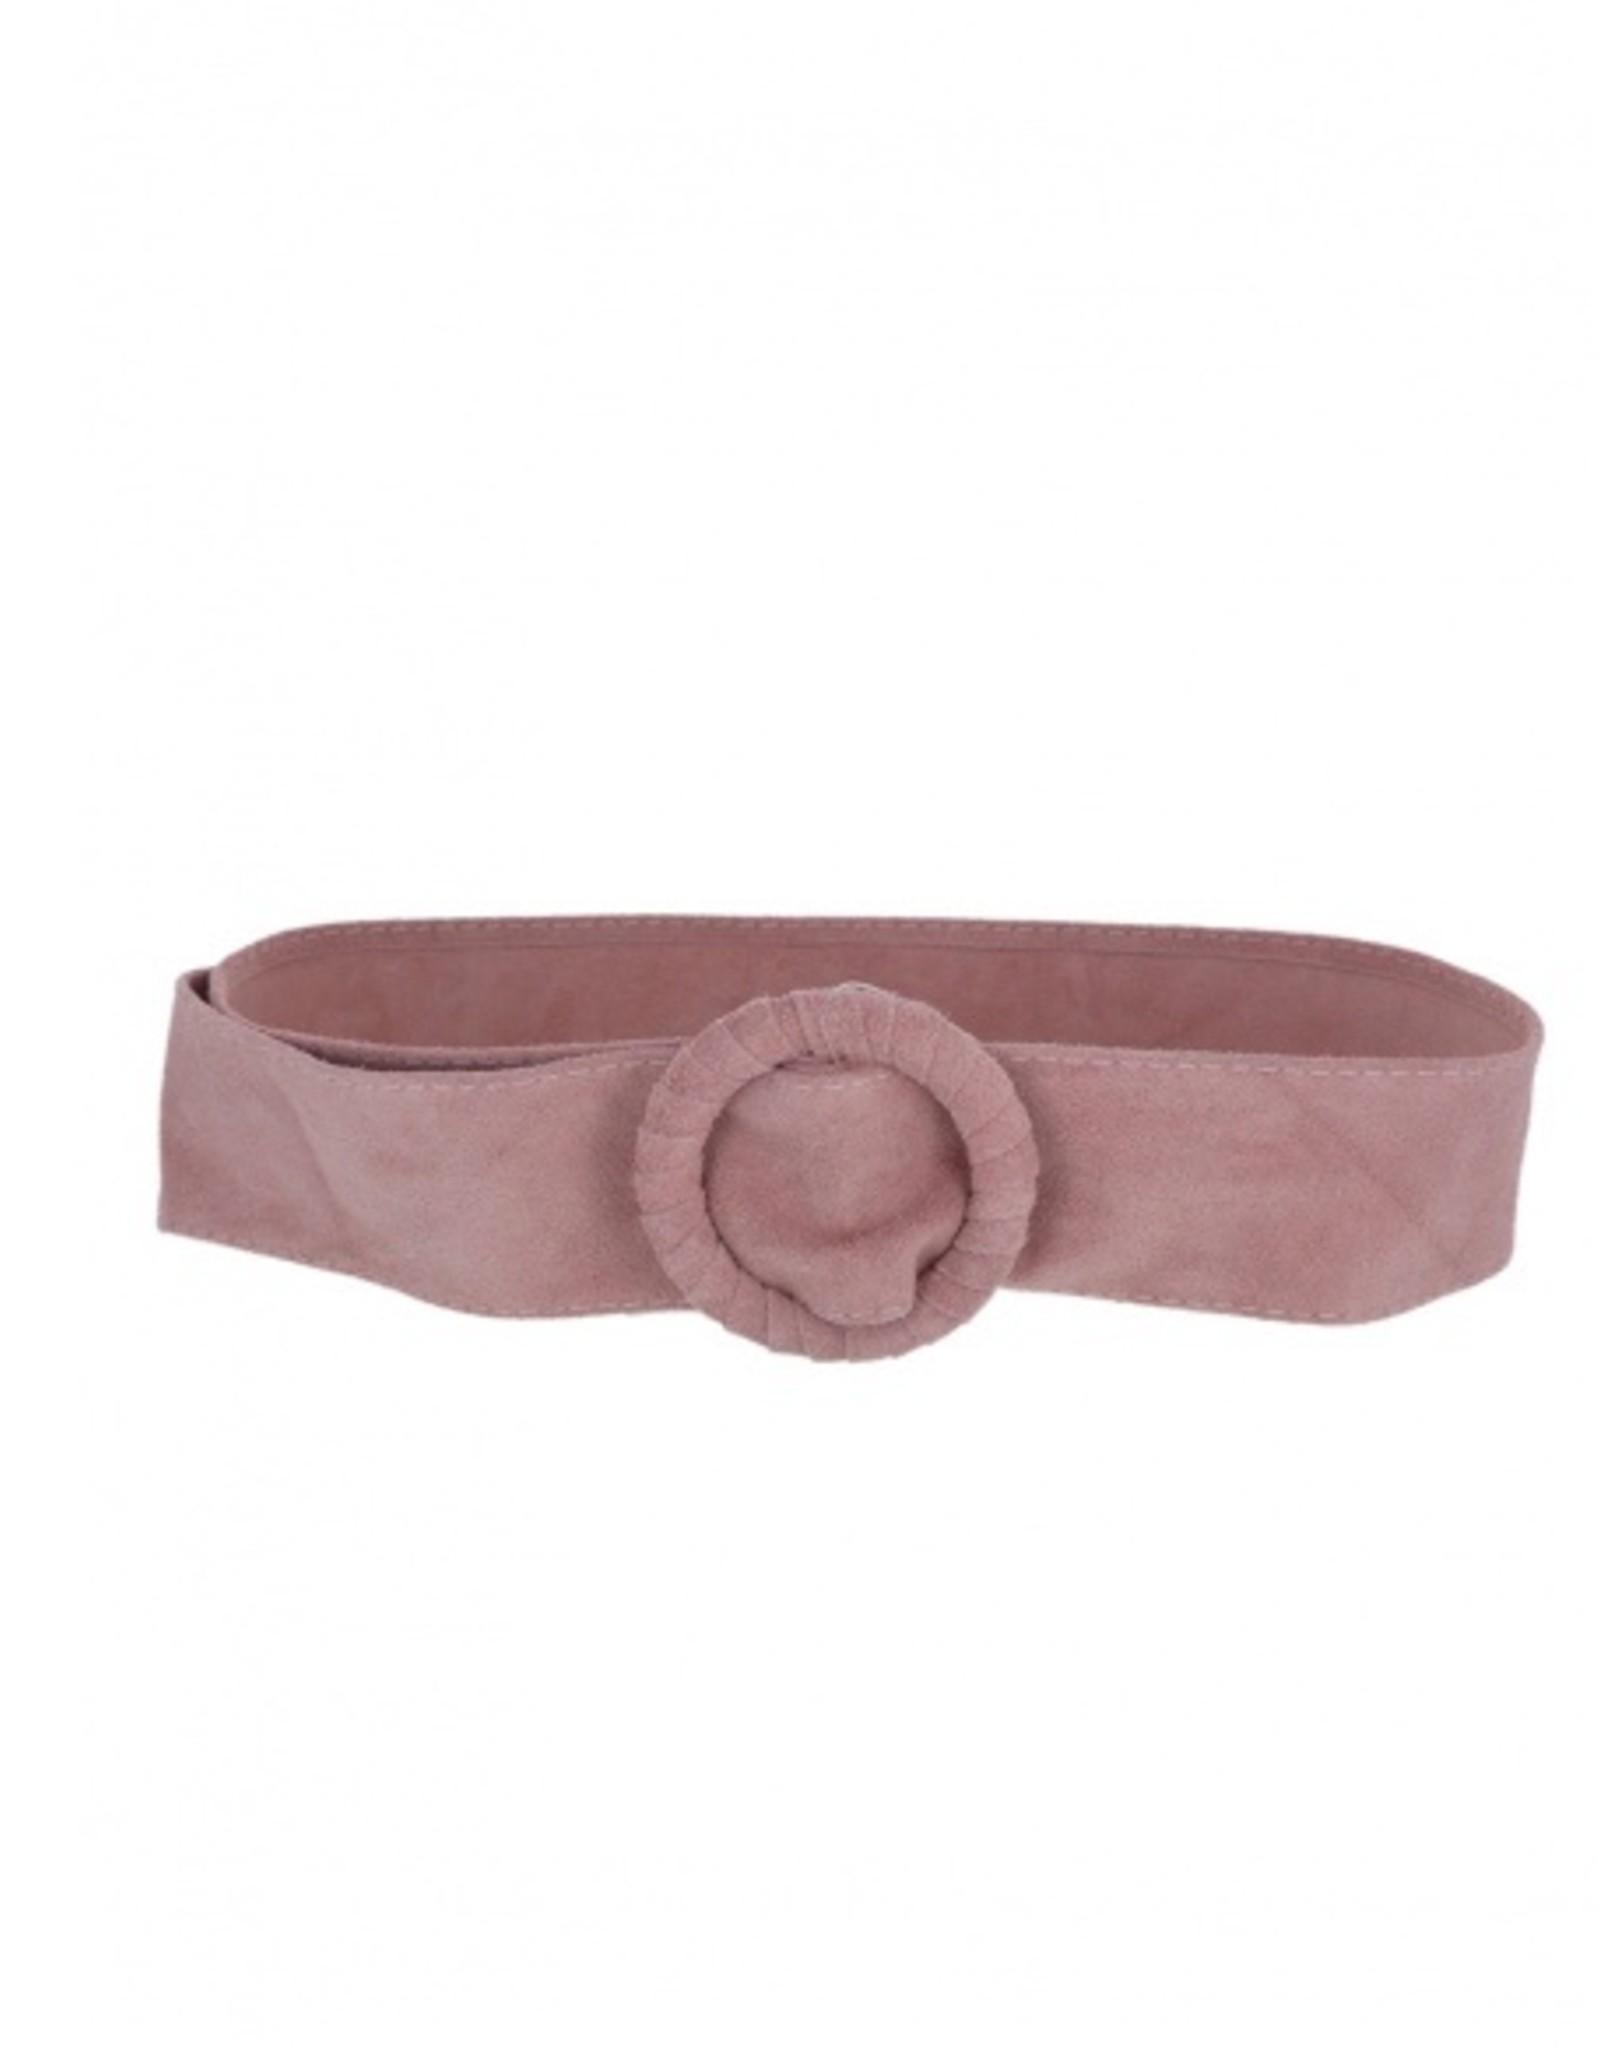 Wide belt in buckskin, one size